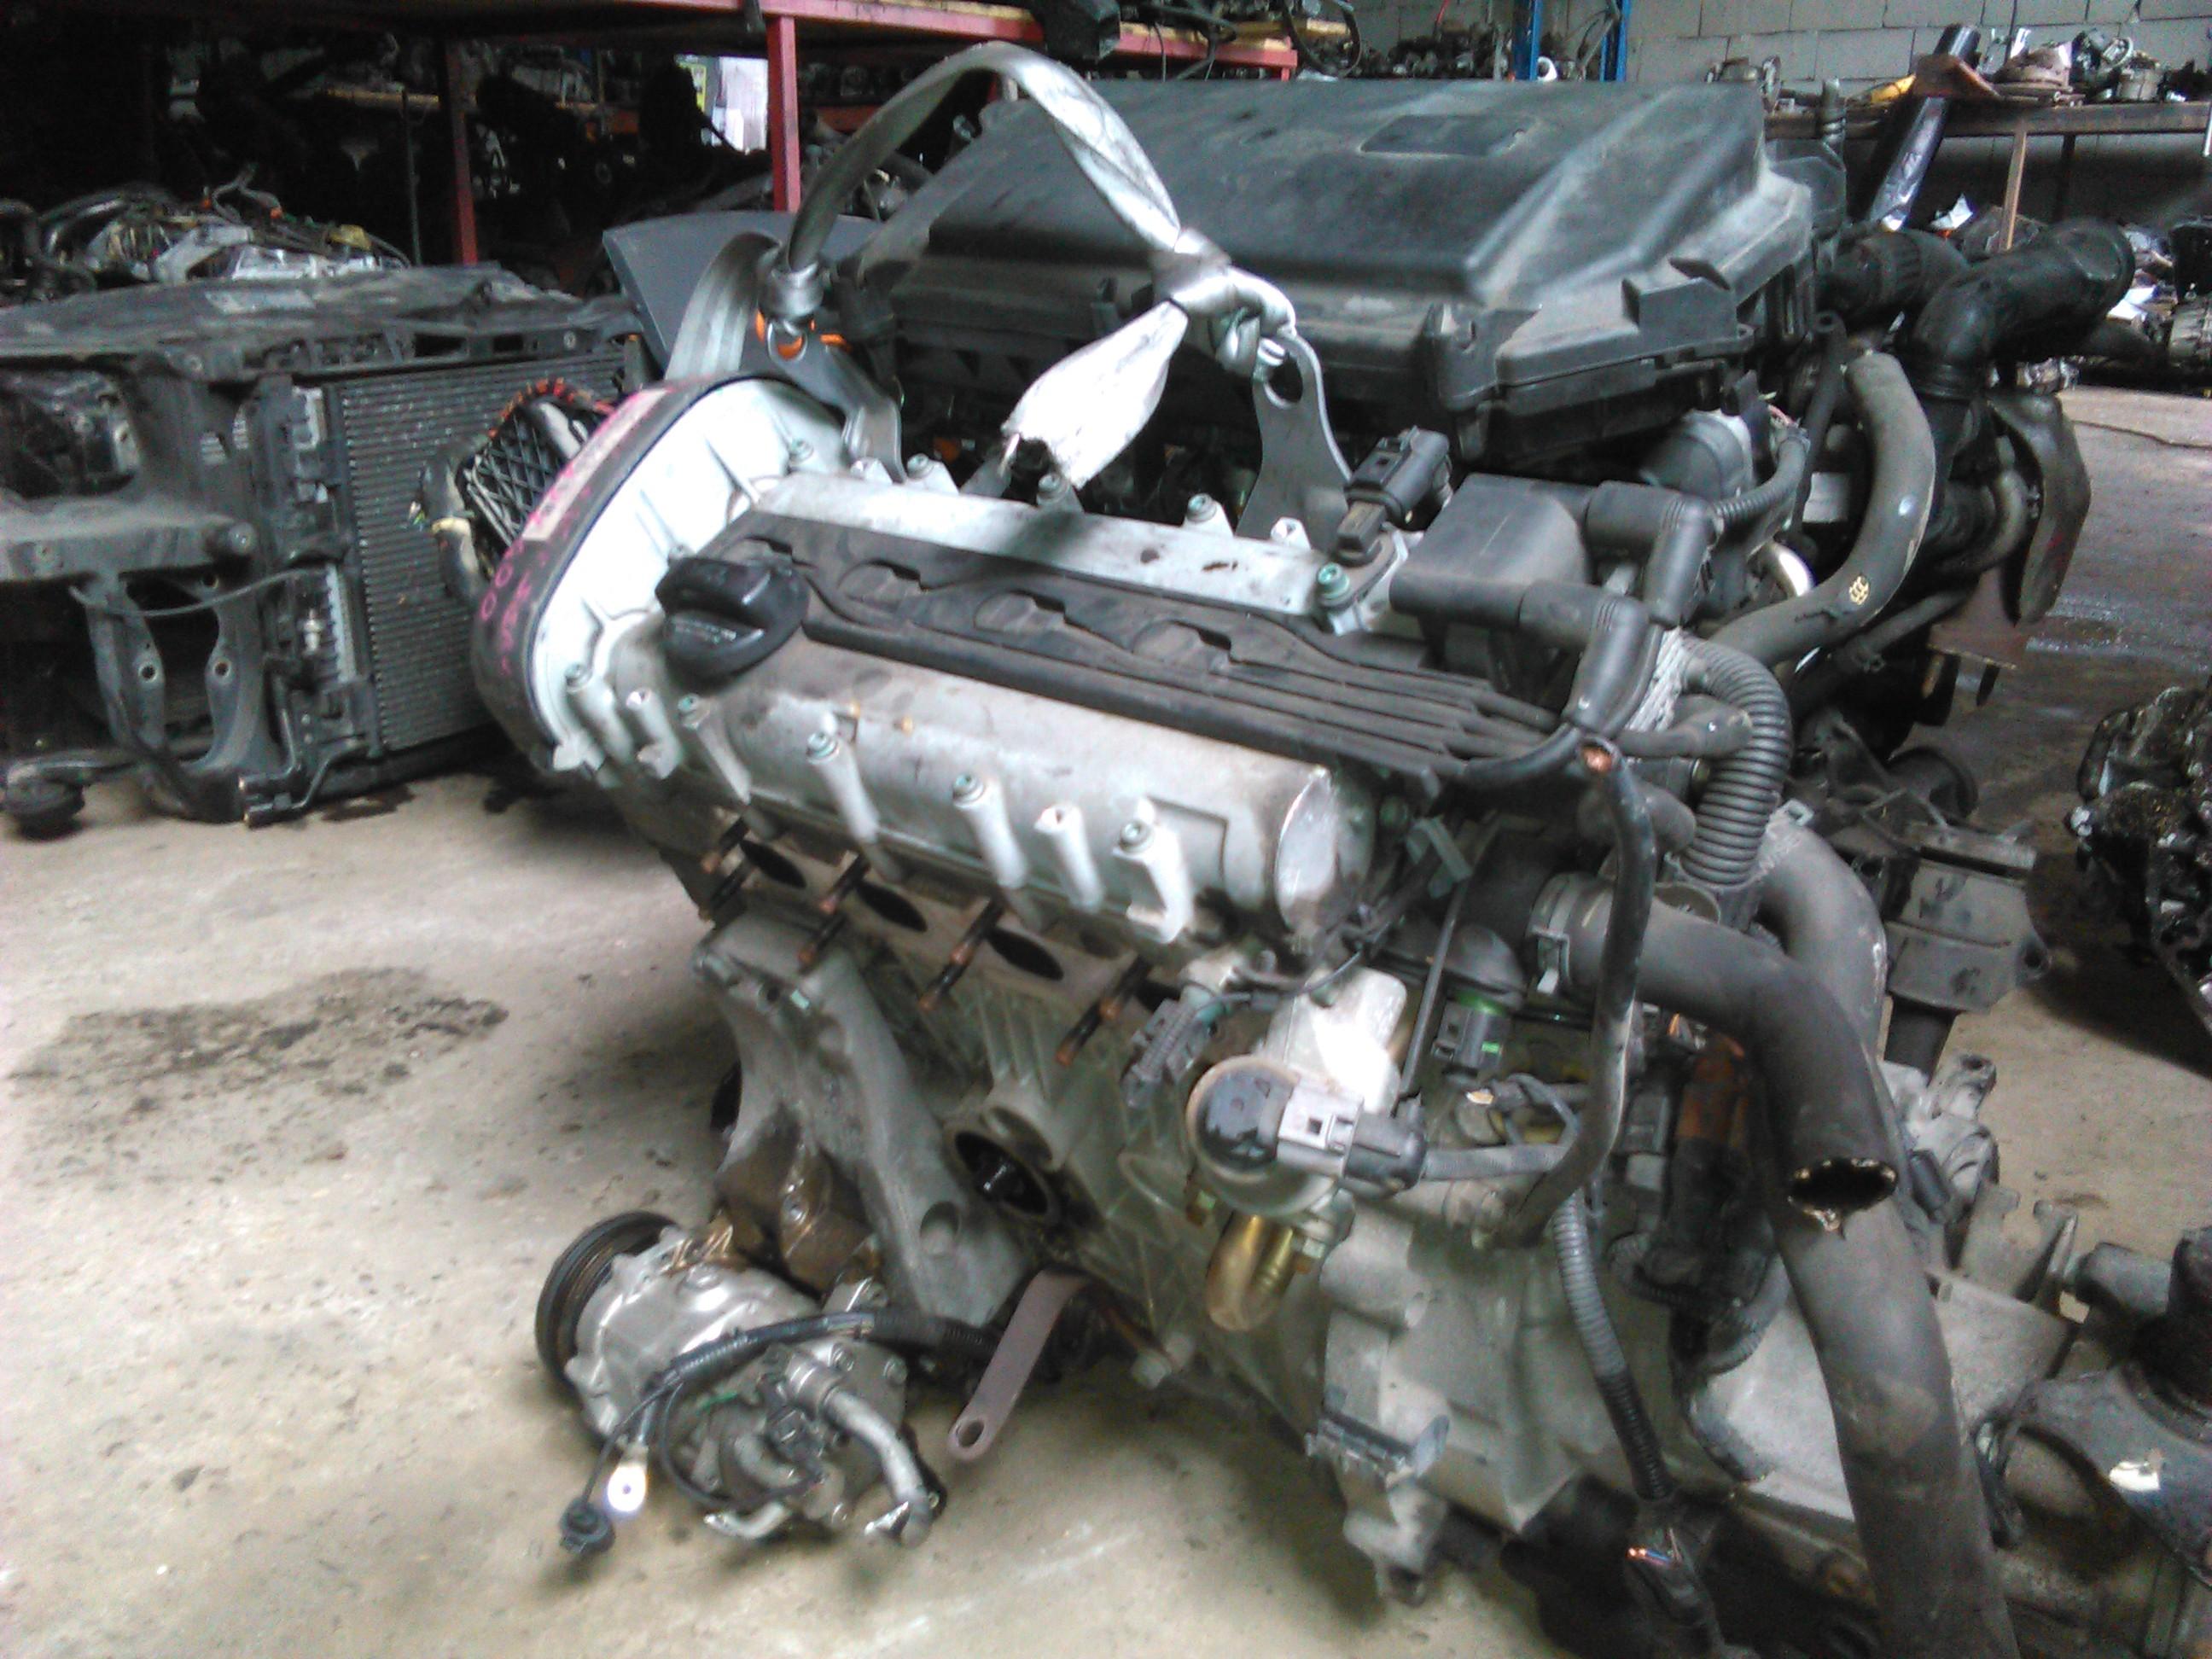 Motor AUA Vw Polo 1.4 16V, Vw Lupo 1.4 16V, Seat Arosa 1.4 16V, Seat Ibiza 1.4 16V